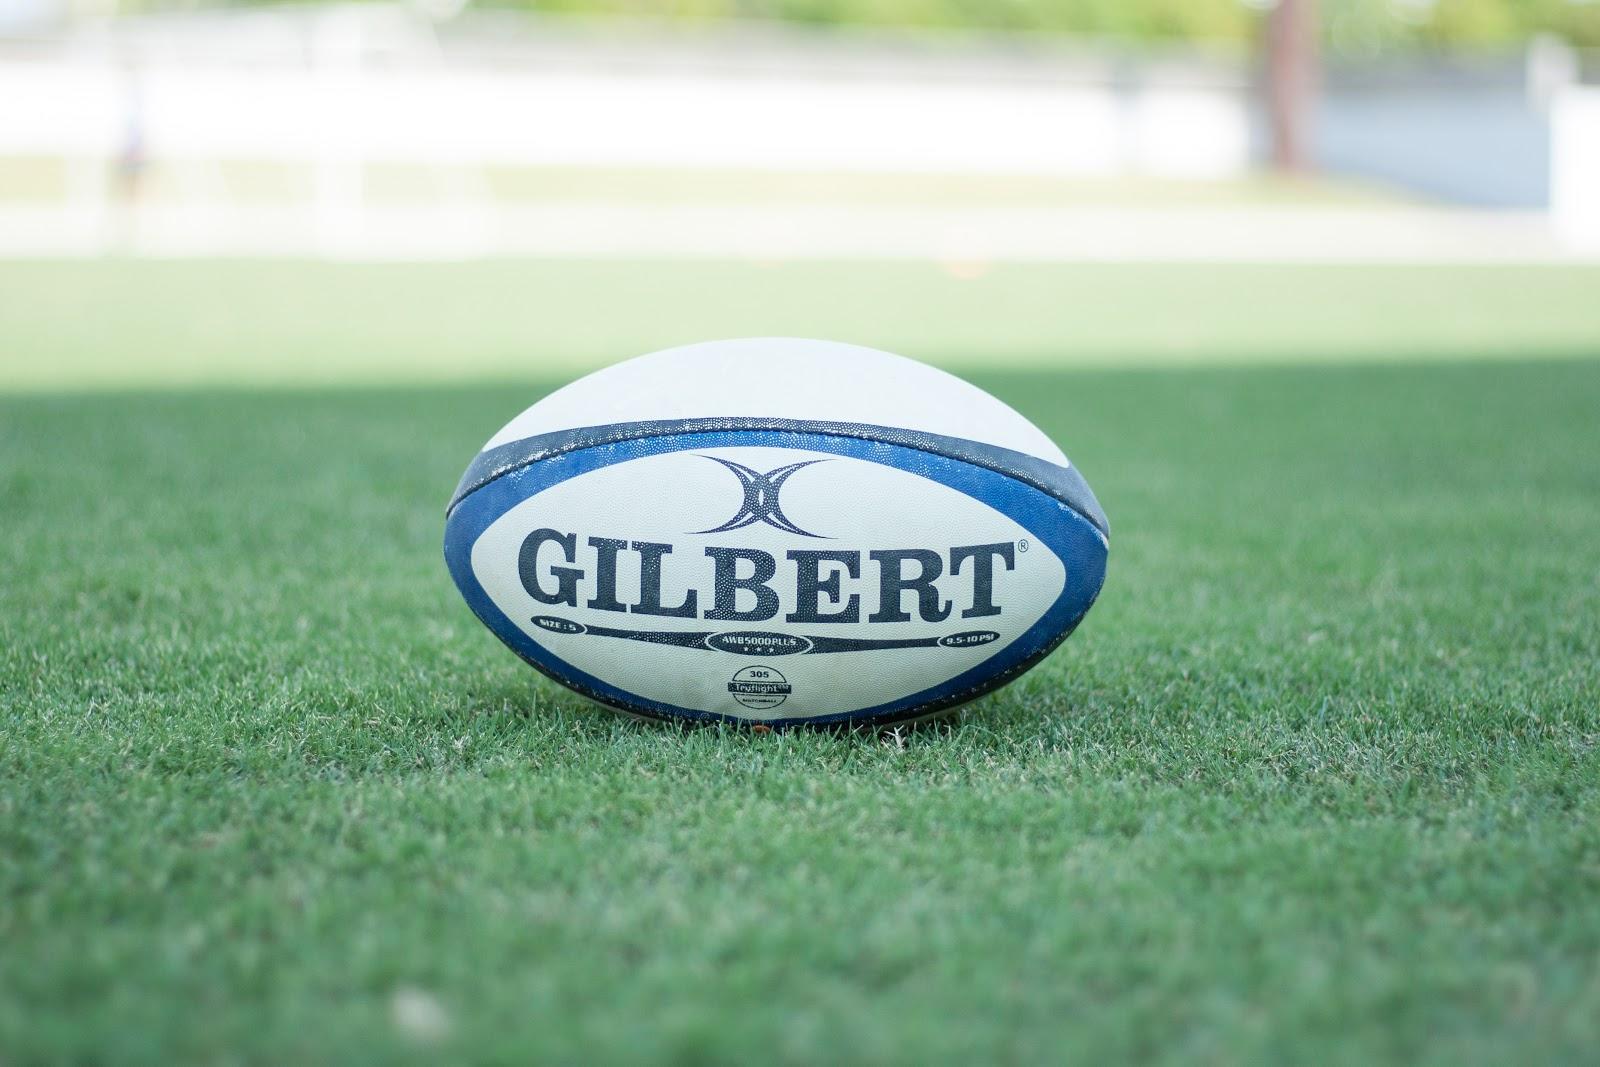 芝生の上のギルバートの白いラグビーボール